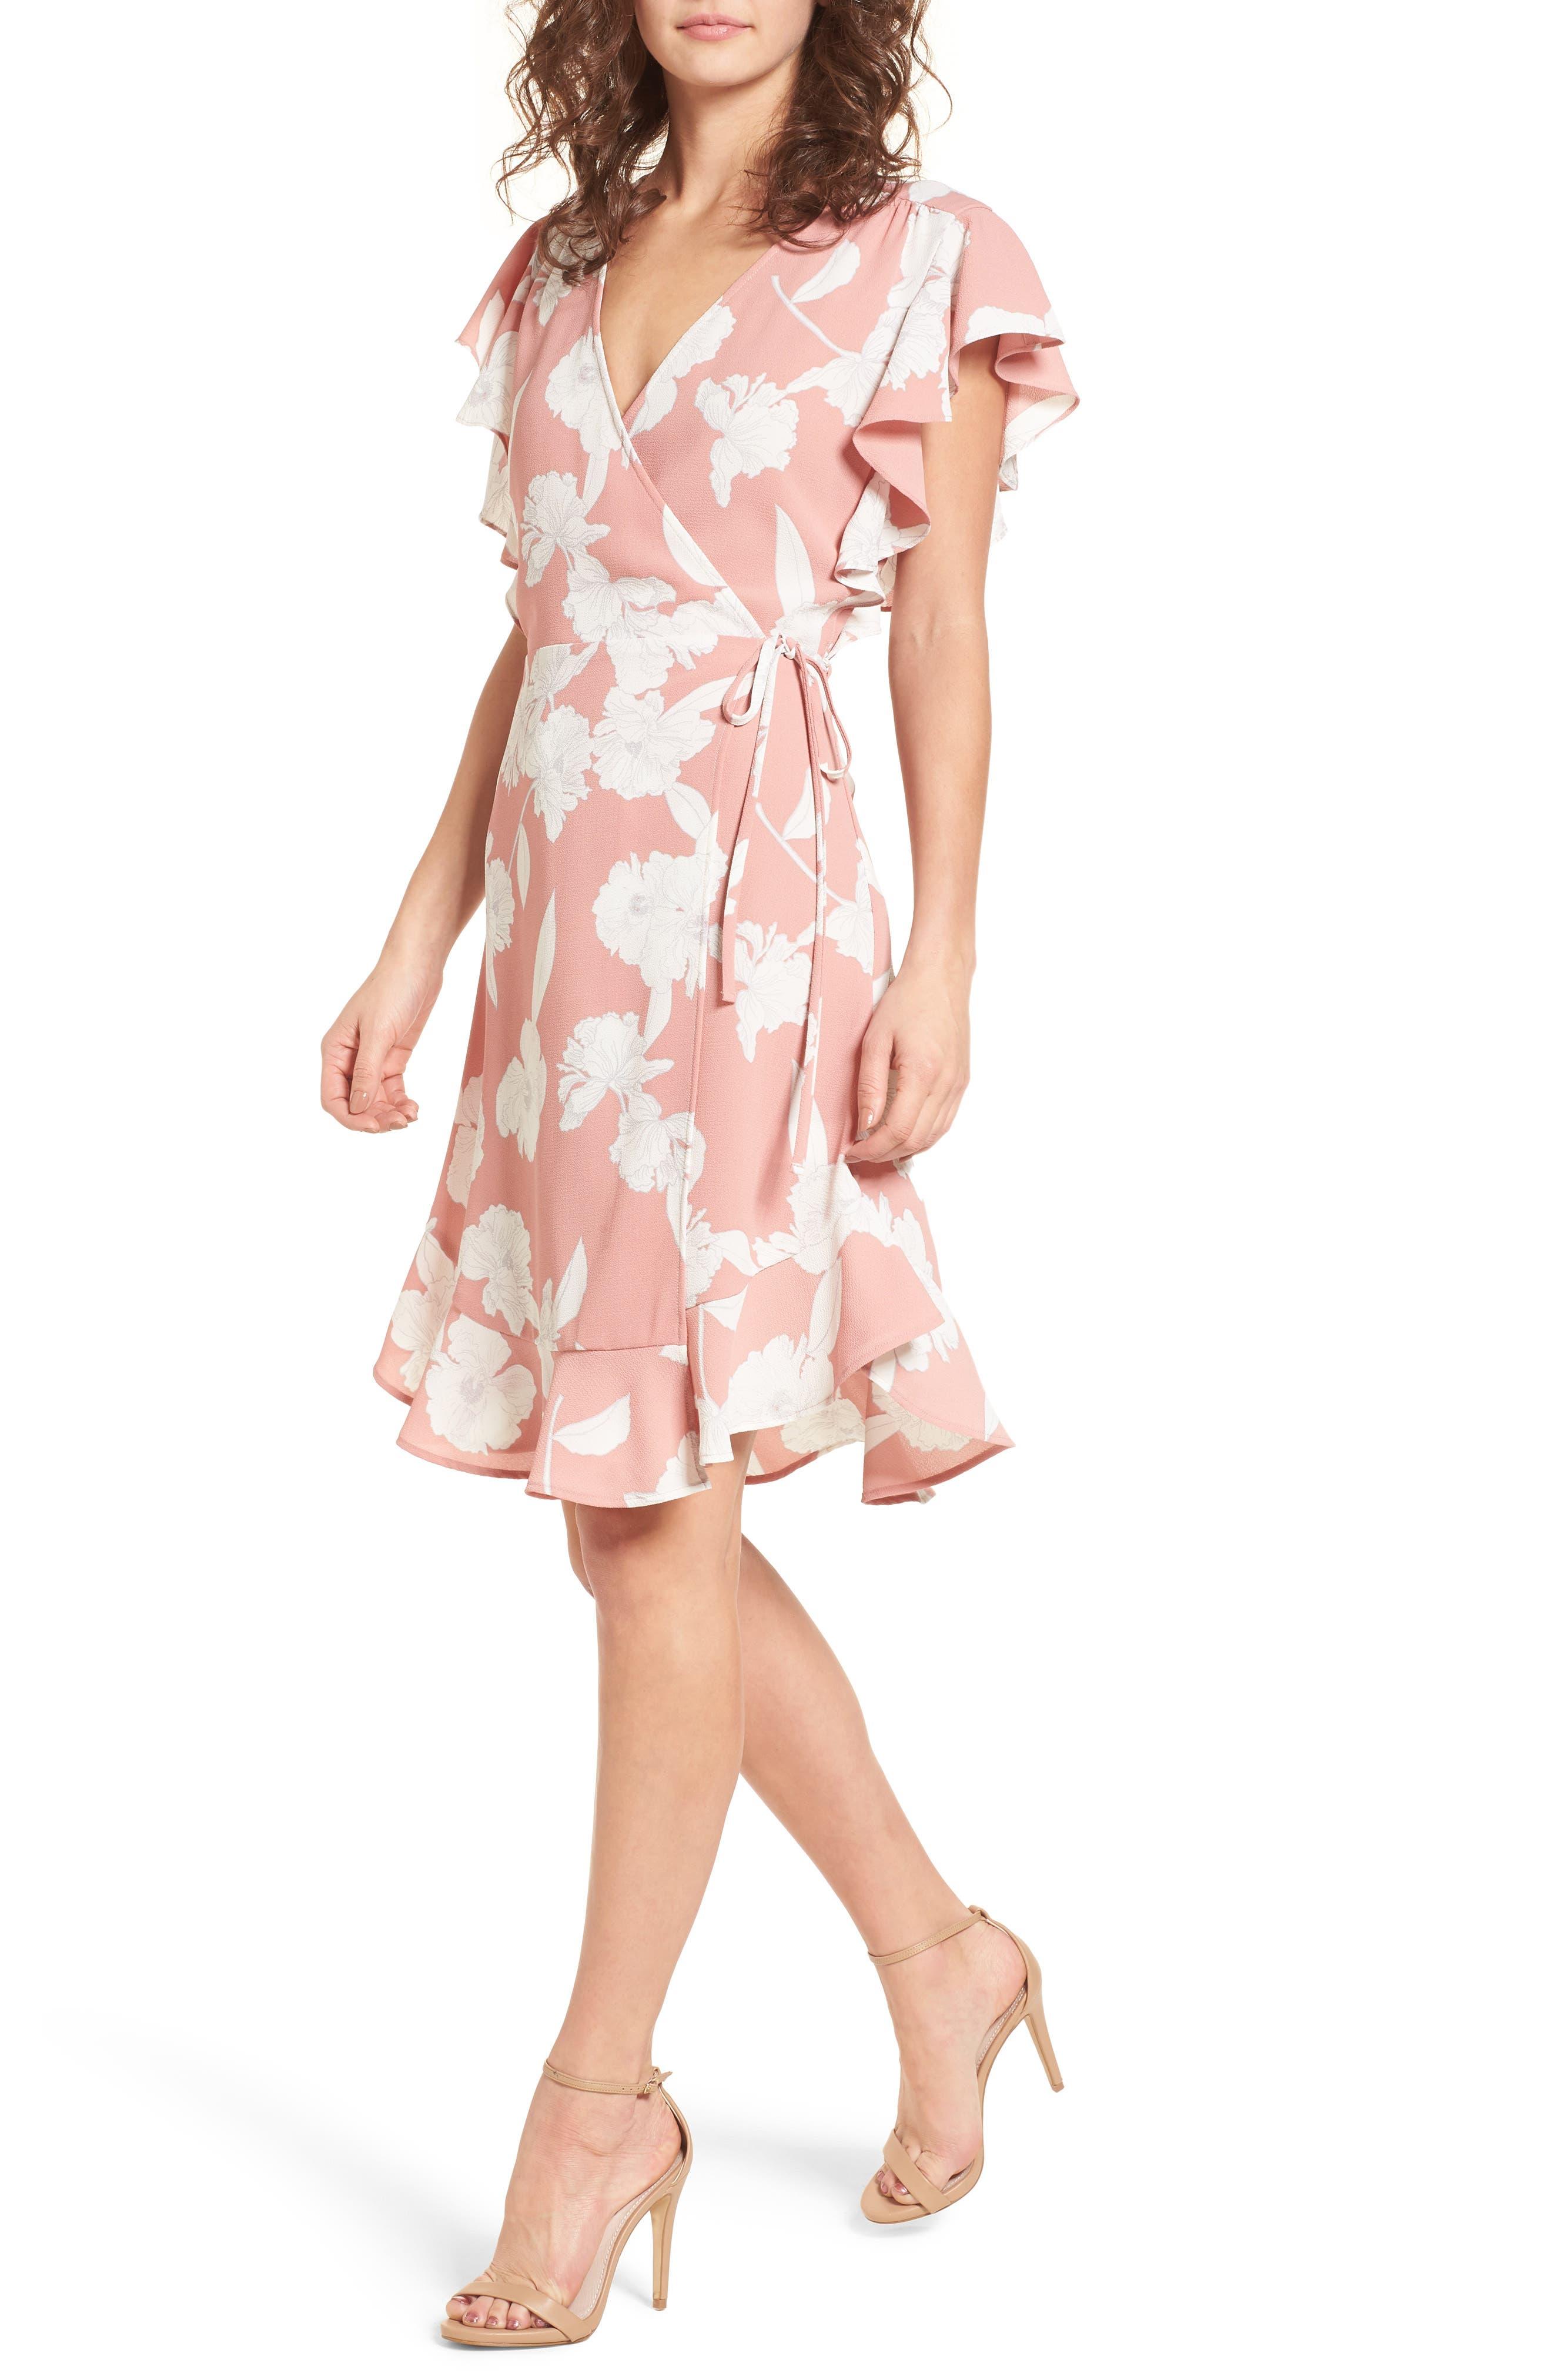 One Clothing Ruffle Wrap Dress